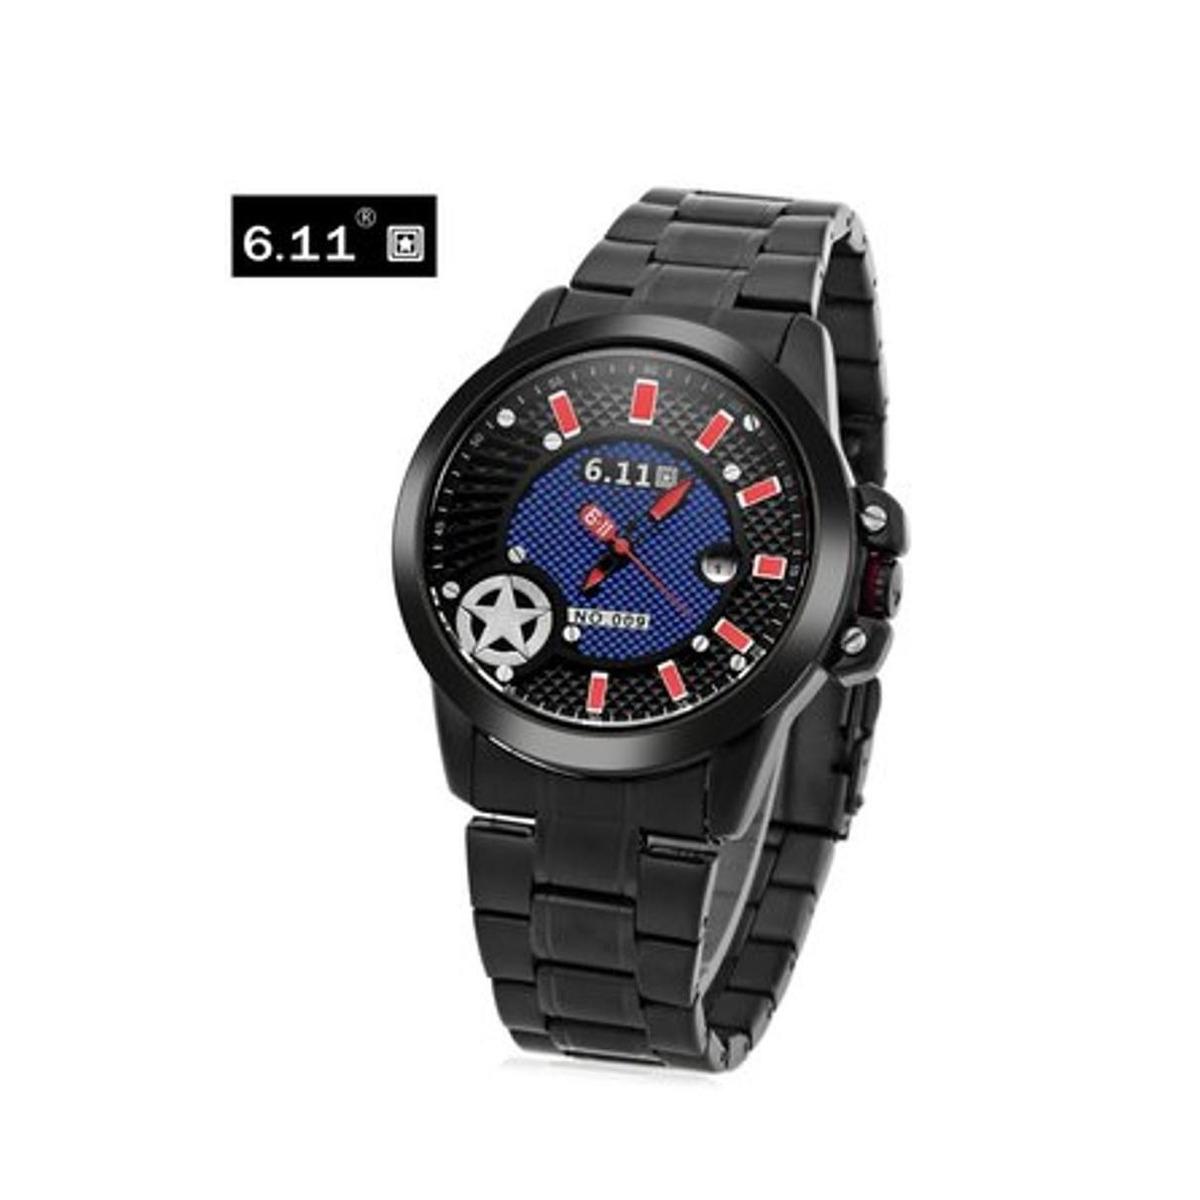 Reloj No De Mineral Para Caballero 11 V 6 Cuarzo lFKTJ31c